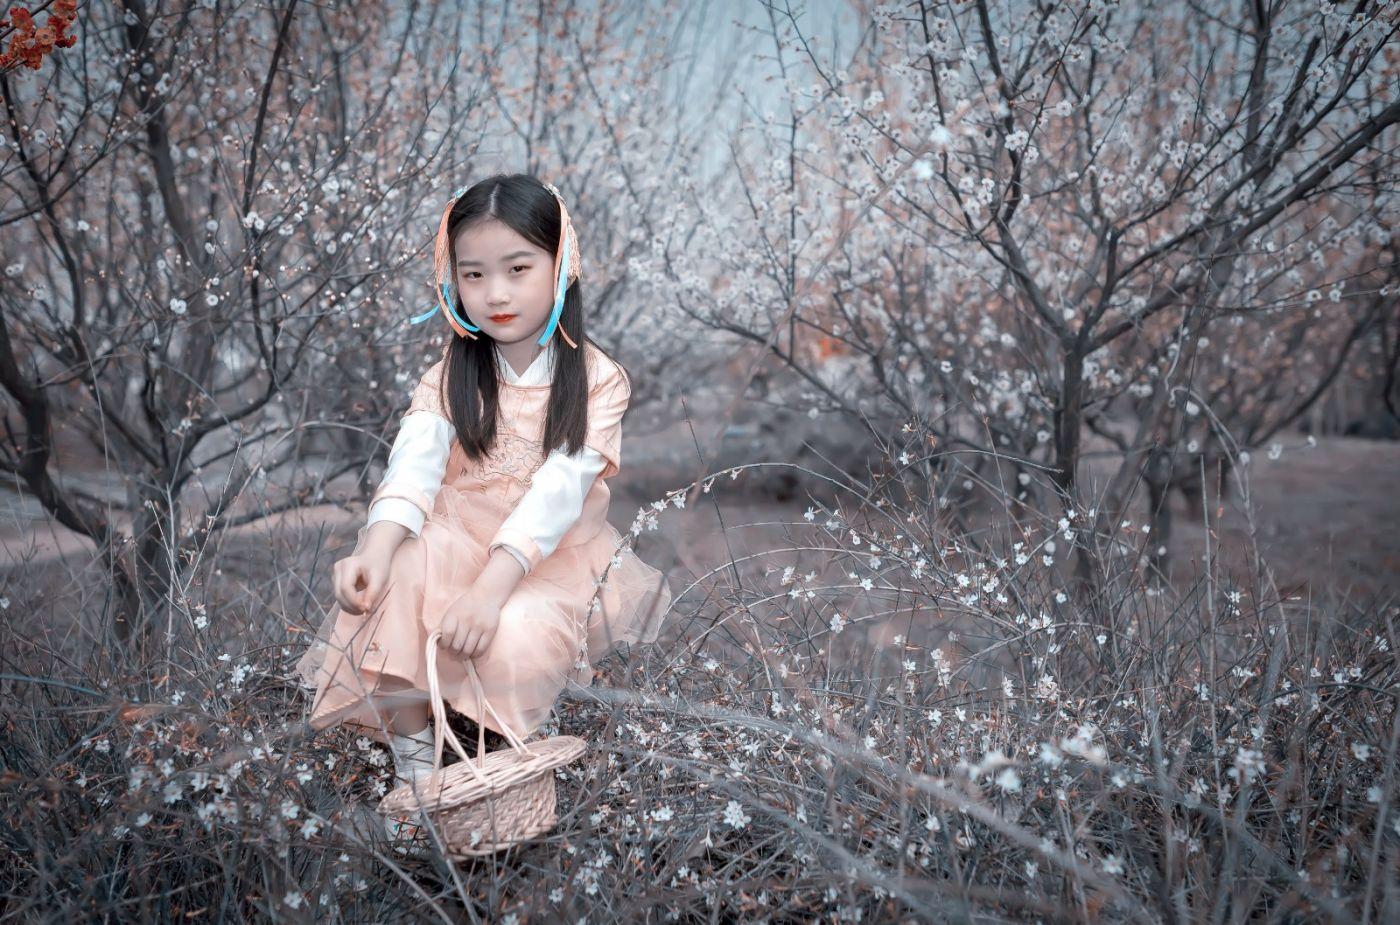 梅林馀妍不争春 小小仙女下凡尘 在费县拍摄小小仙女候依琳_图1-9